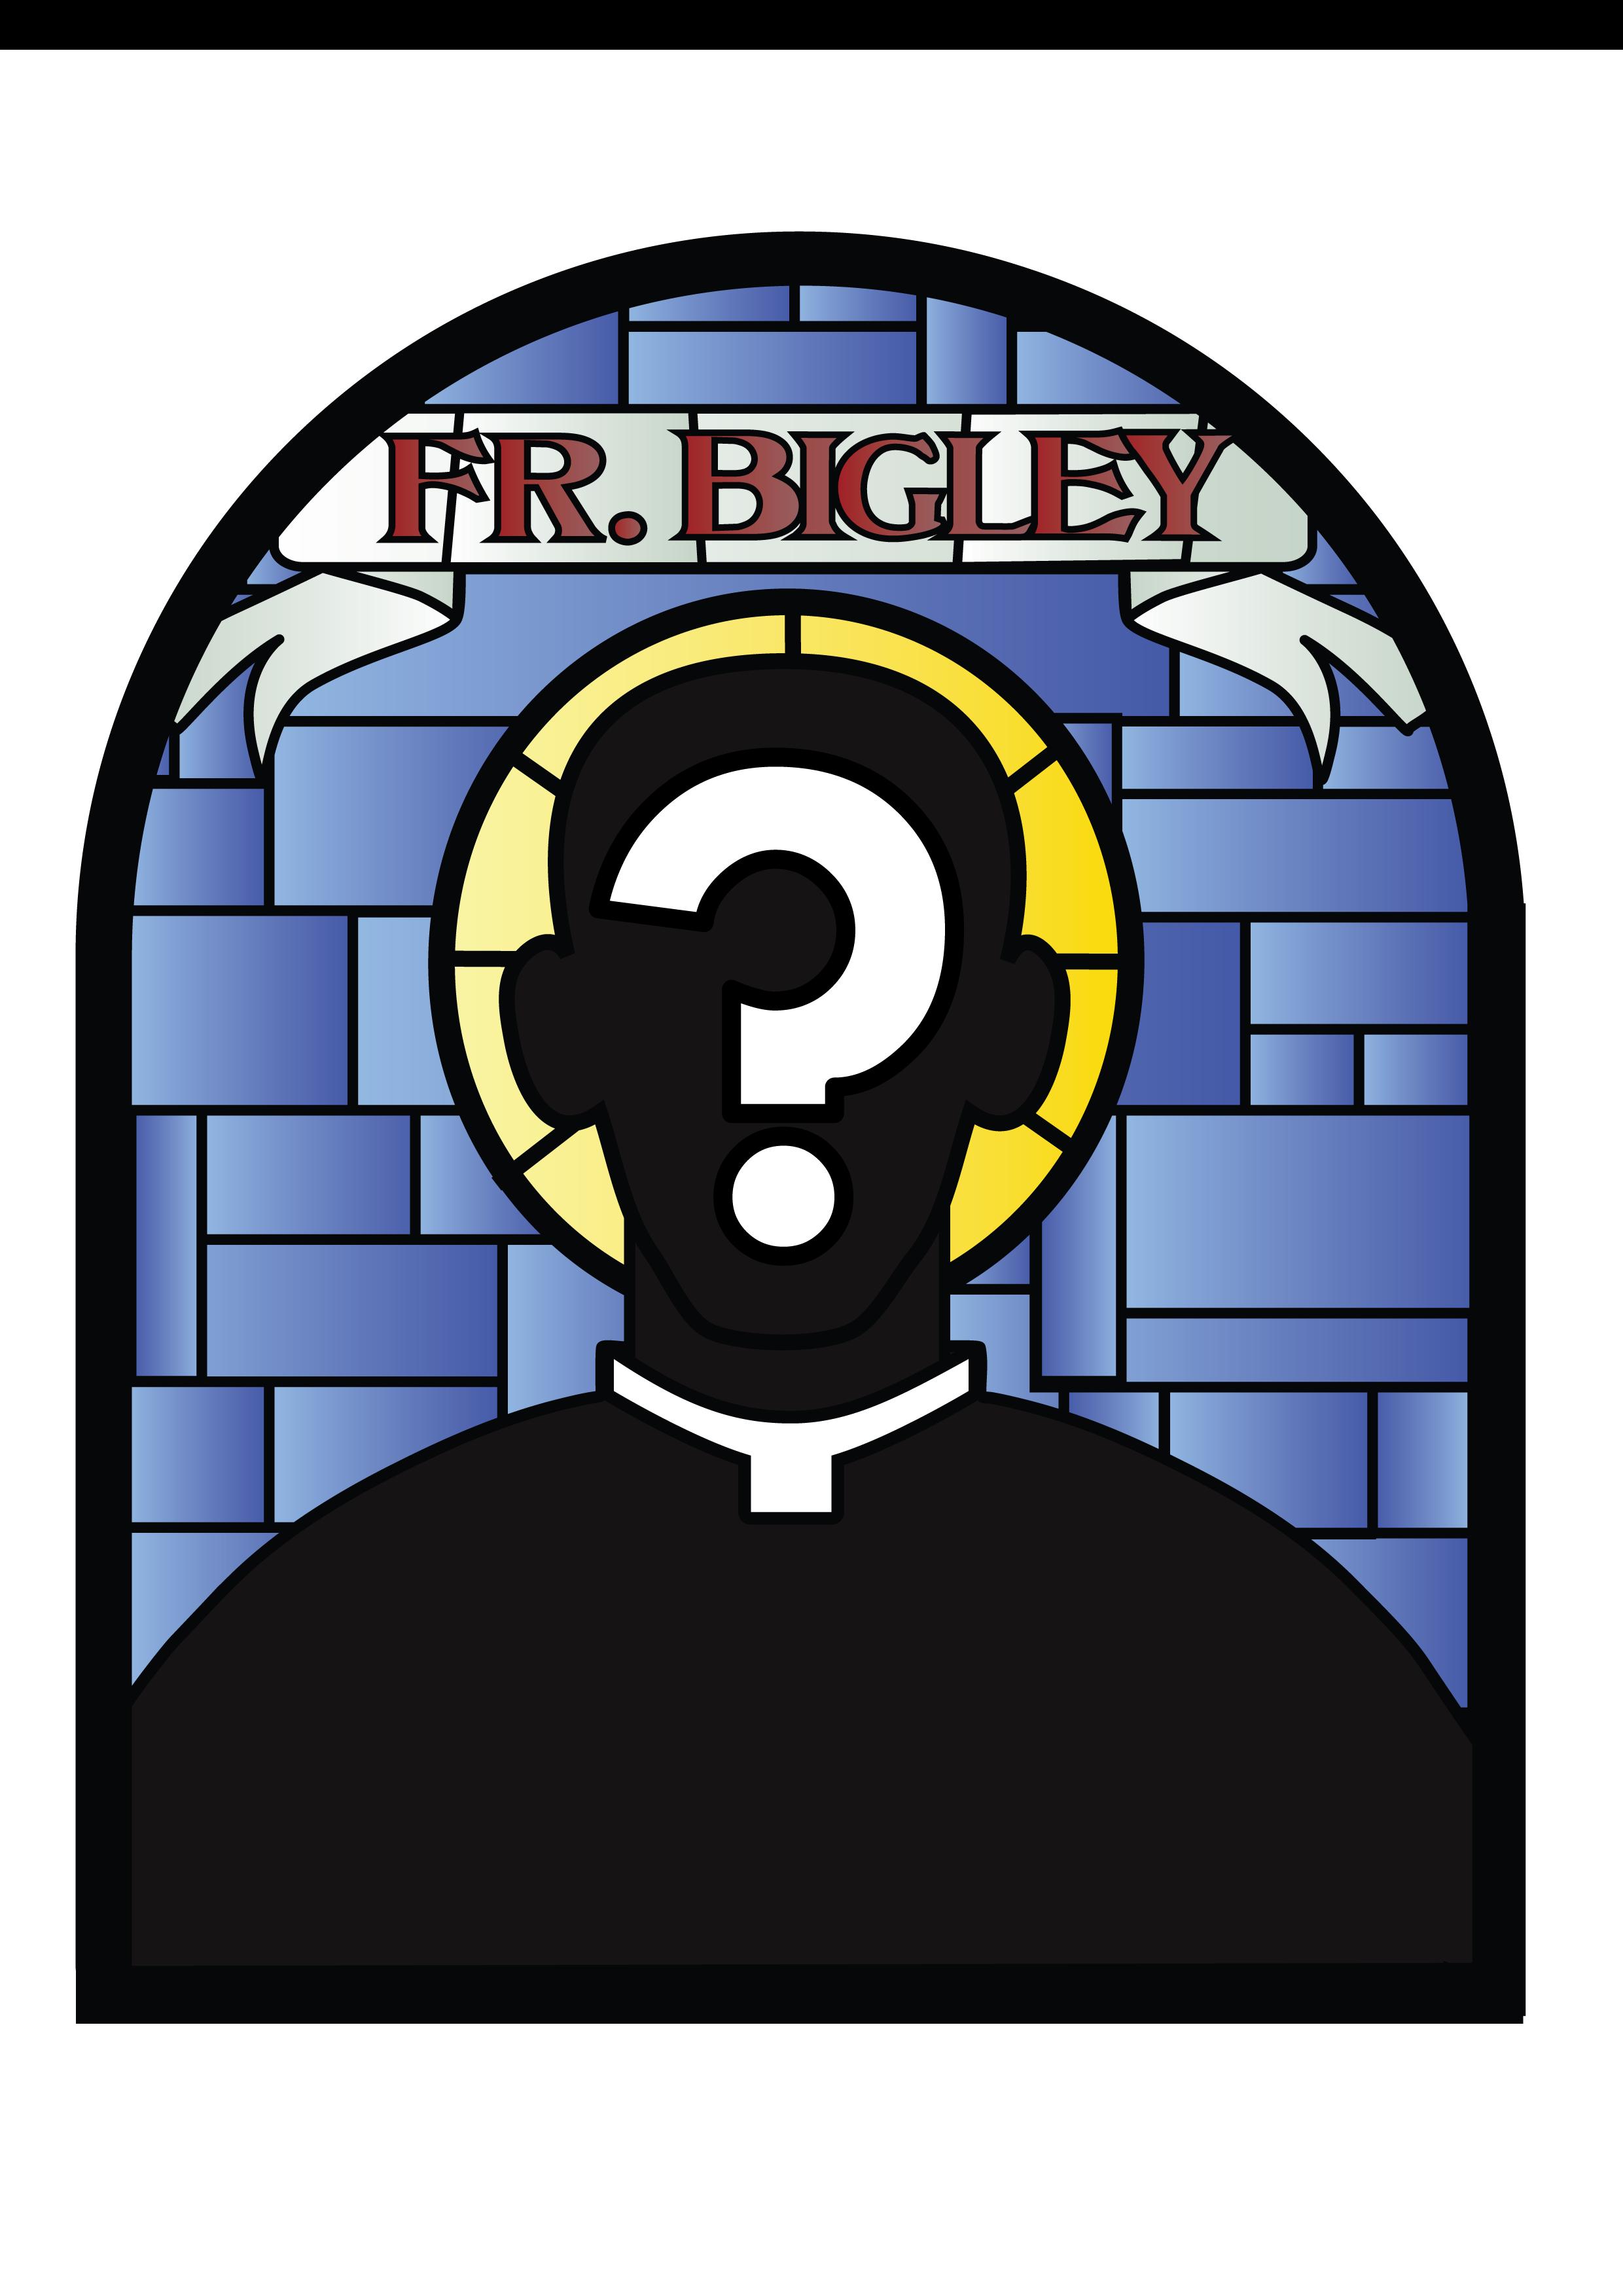 FR_BIGLEY-01